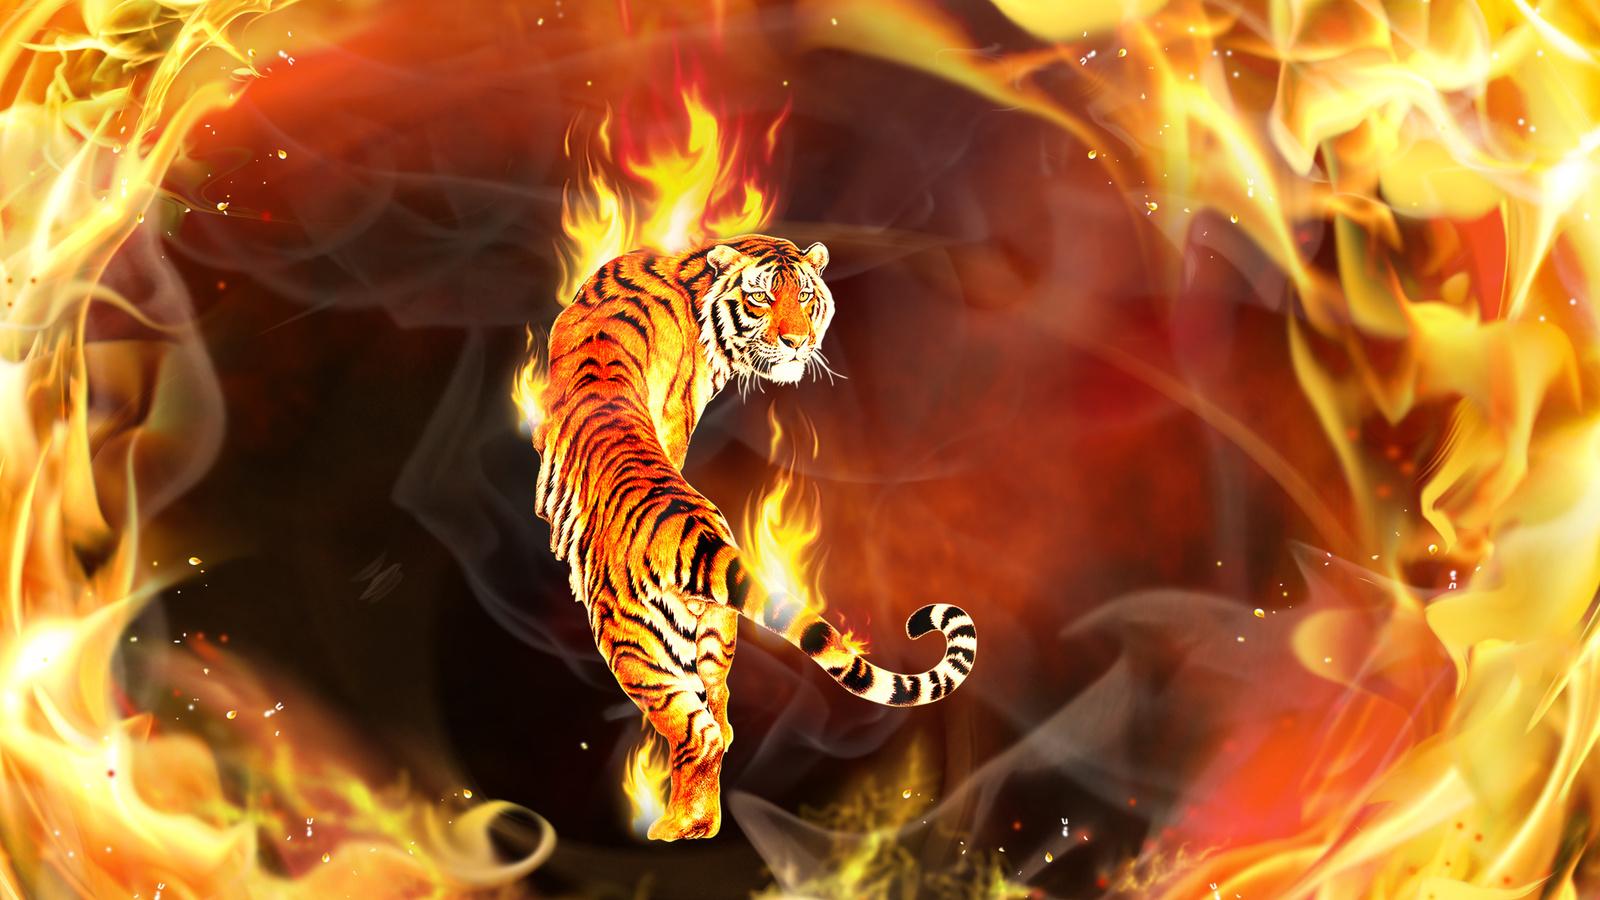 Прикольные картинки для обоев на телефон животные огненные